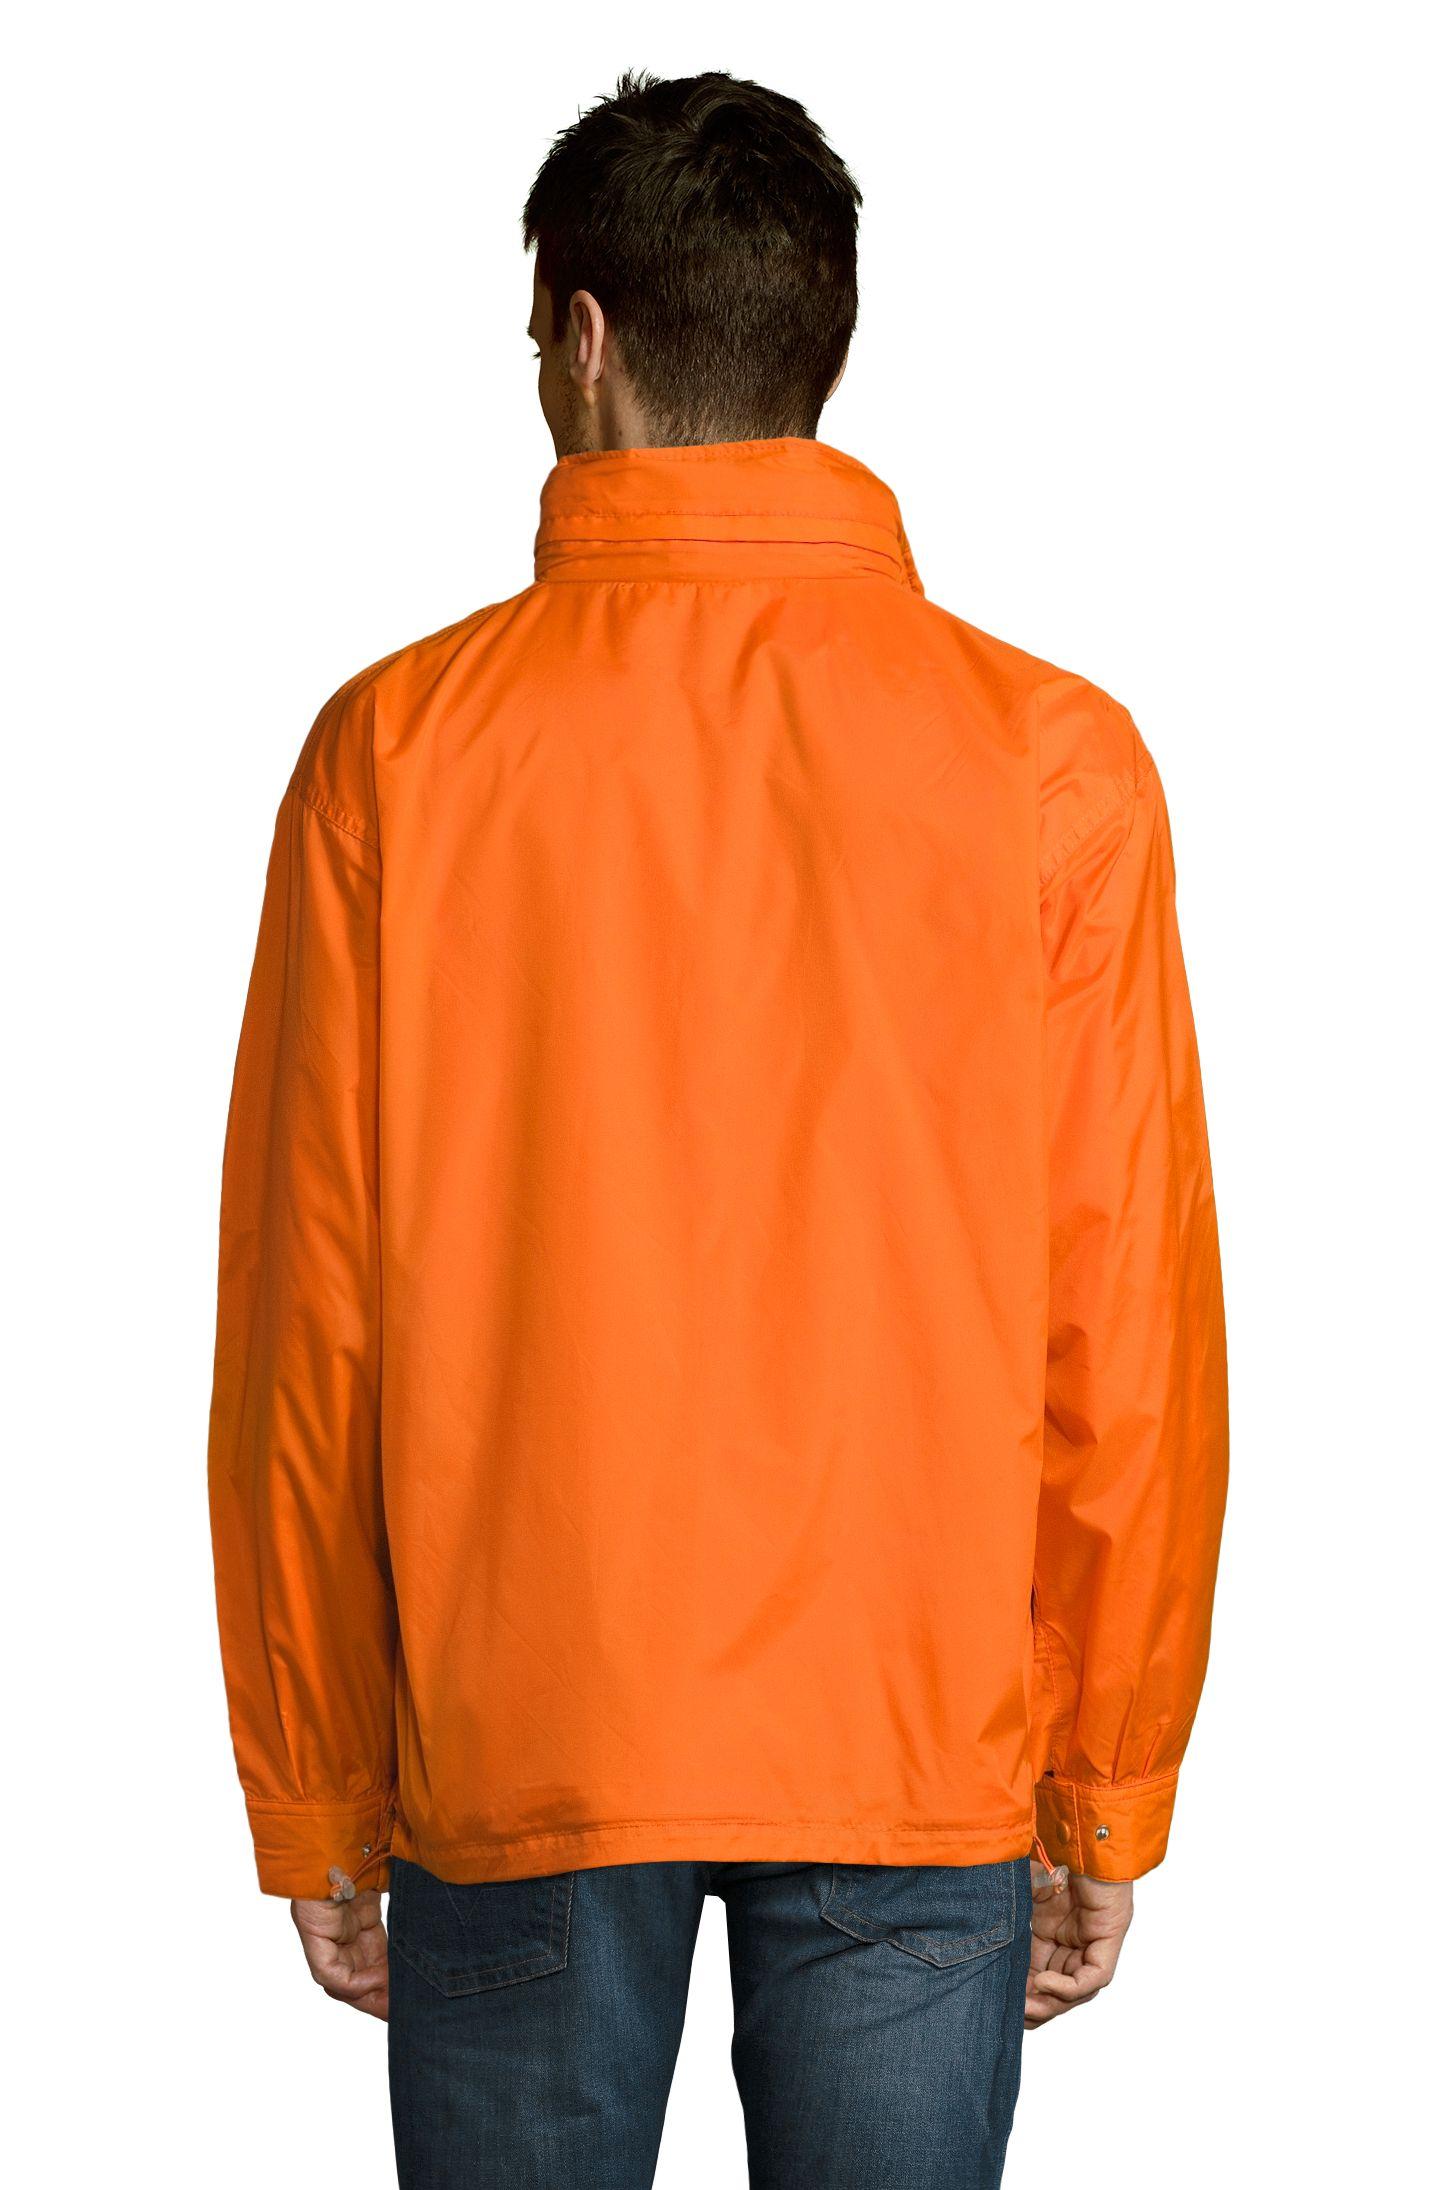 400 - Orange